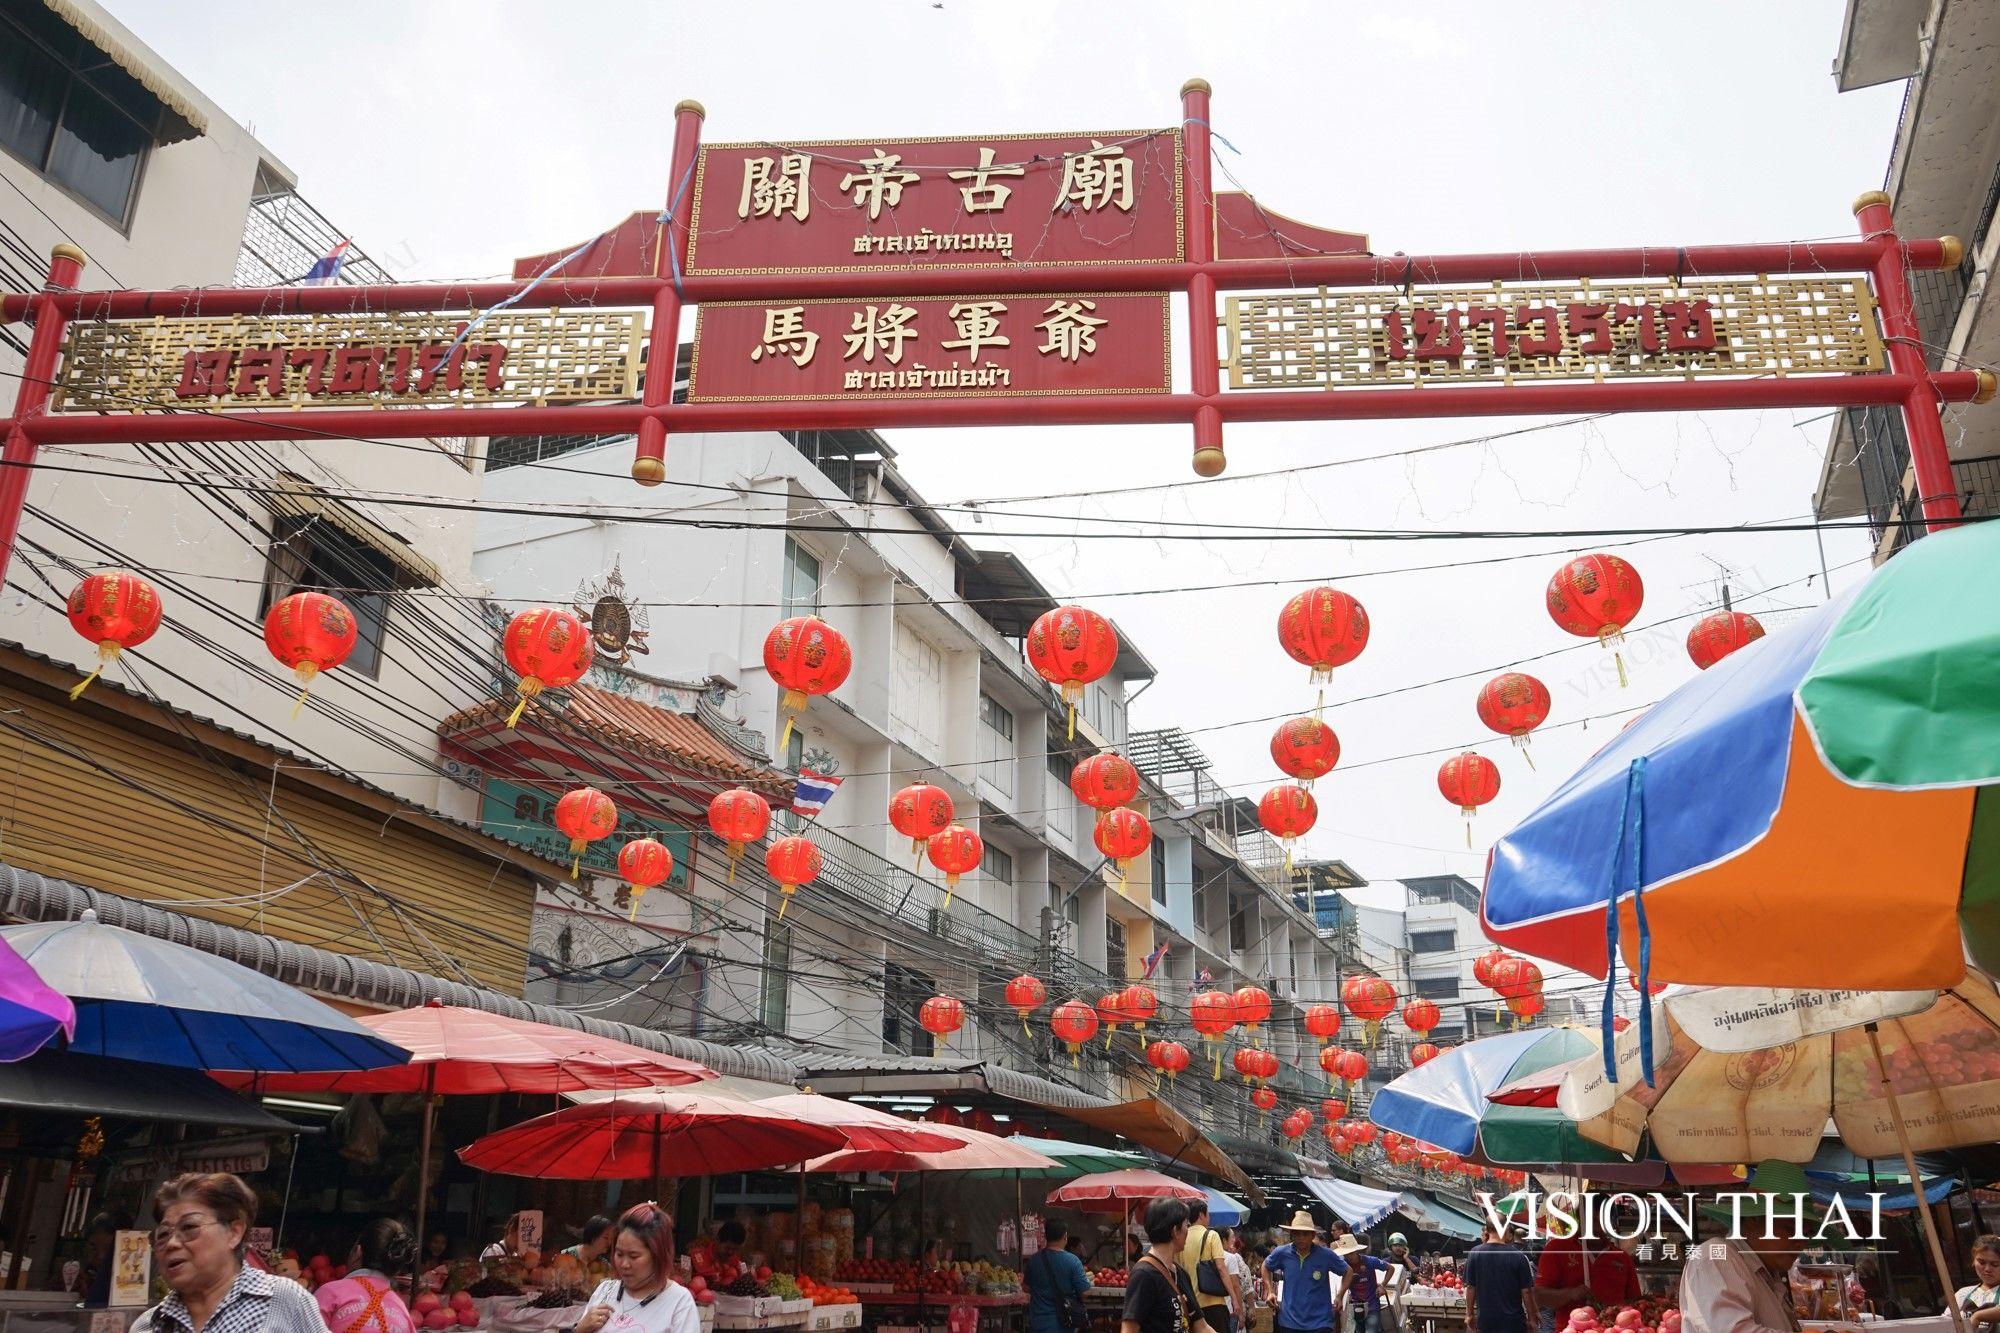 曼谷中國城 Chinatown 體驗泰式中國風